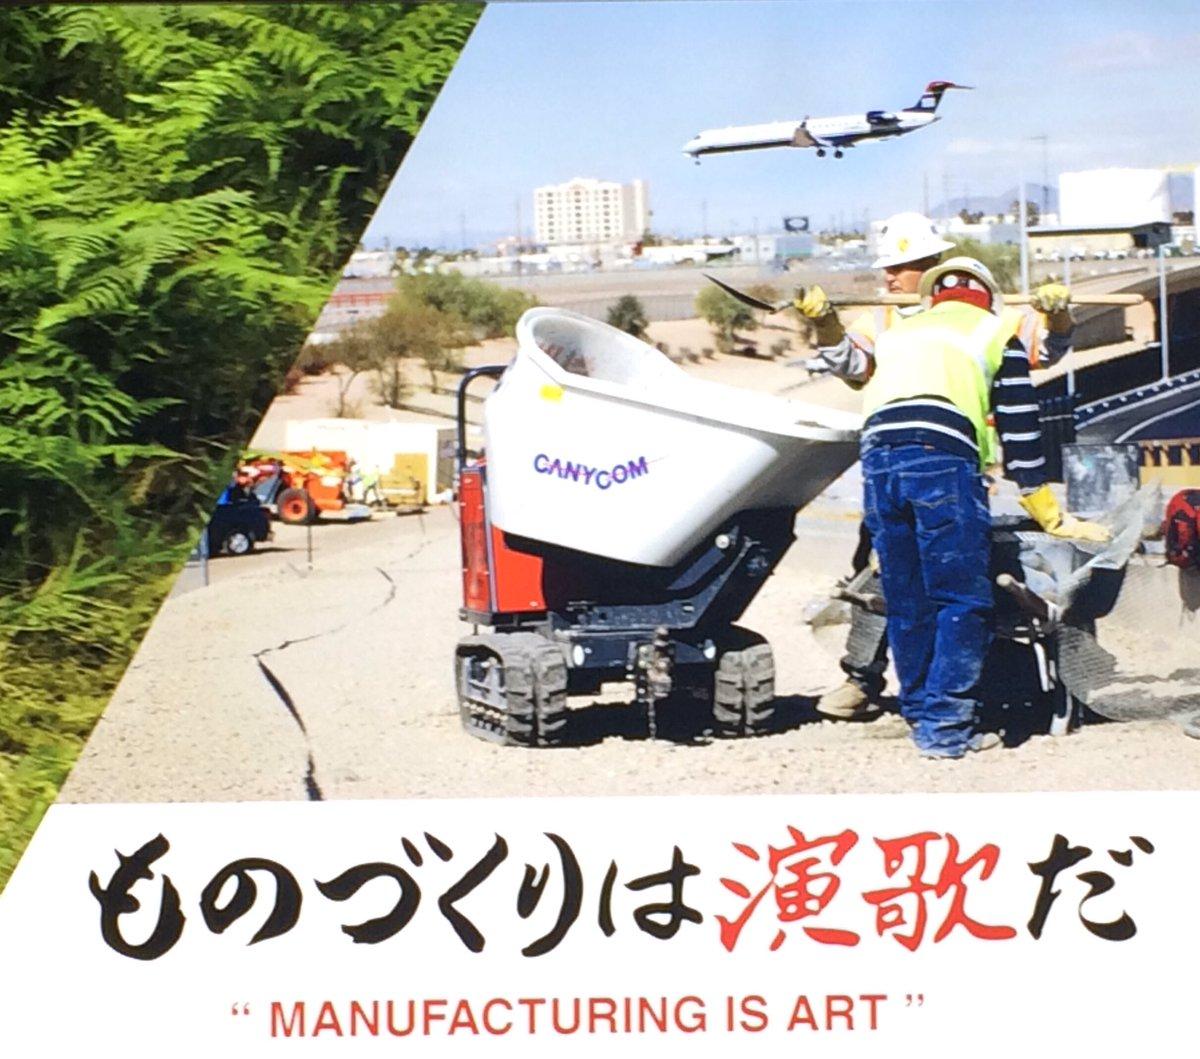 test ツイッターメディア - 福岡空港にあった広告。 ものづくりは演歌だ! ものづくりは義理人情に厚い世界、今日からの下町ロケットの展開が楽しみ。#下町ロケット #ものづくり #演歌 #義理人情 #インフラ #下町 #工場 https://t.co/6LJlentTHf